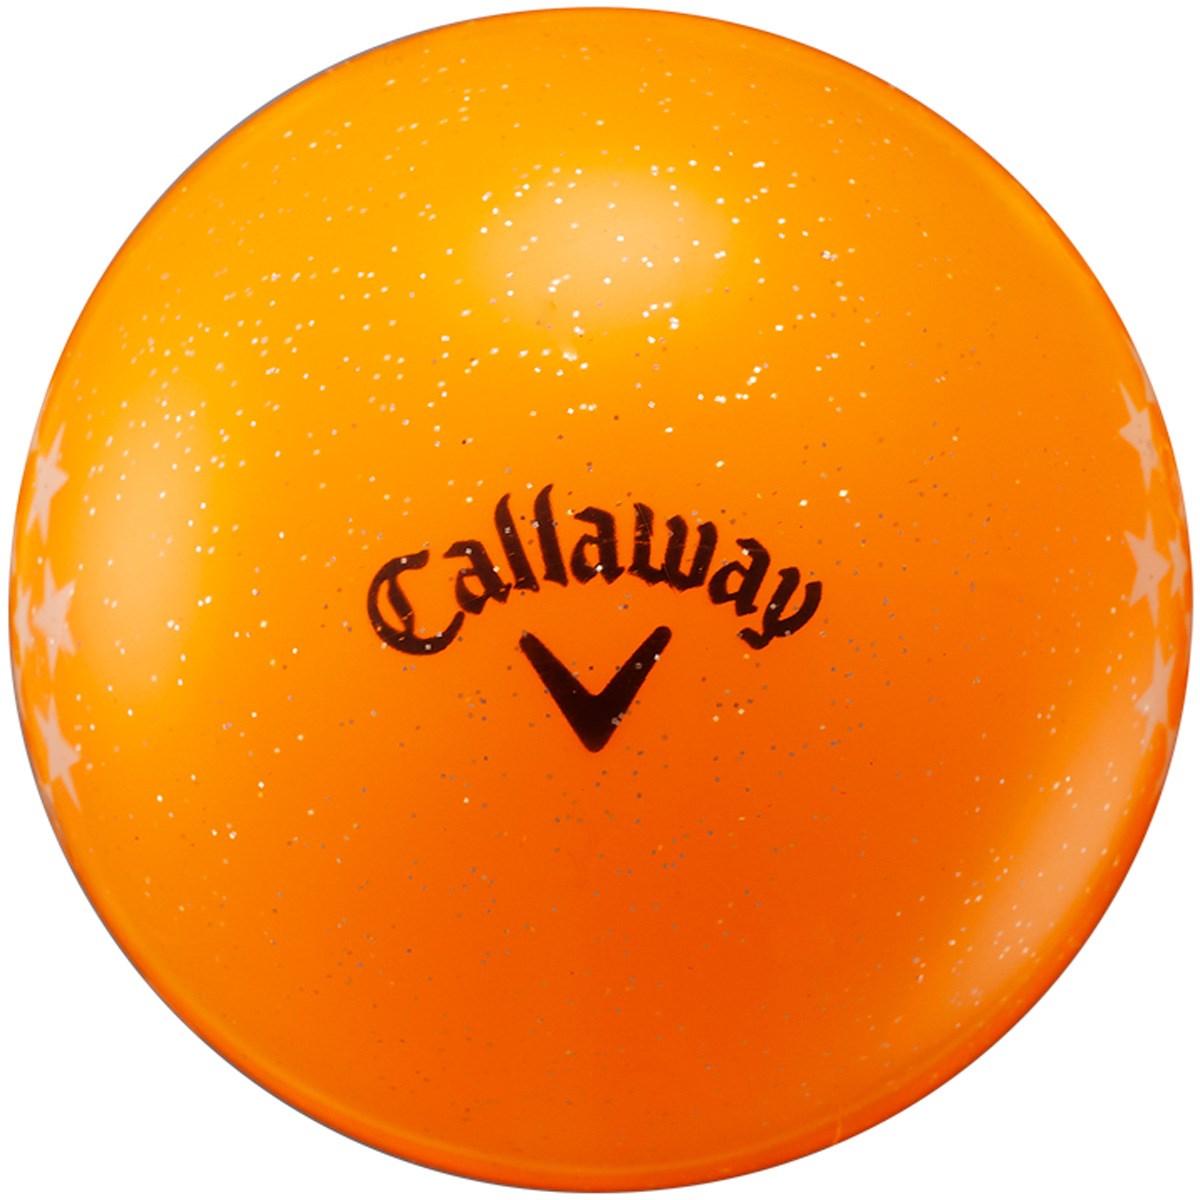 キャロウェイゴルフ(Callaway Golf) BL PG STAR 18 JM パークゴルフボール